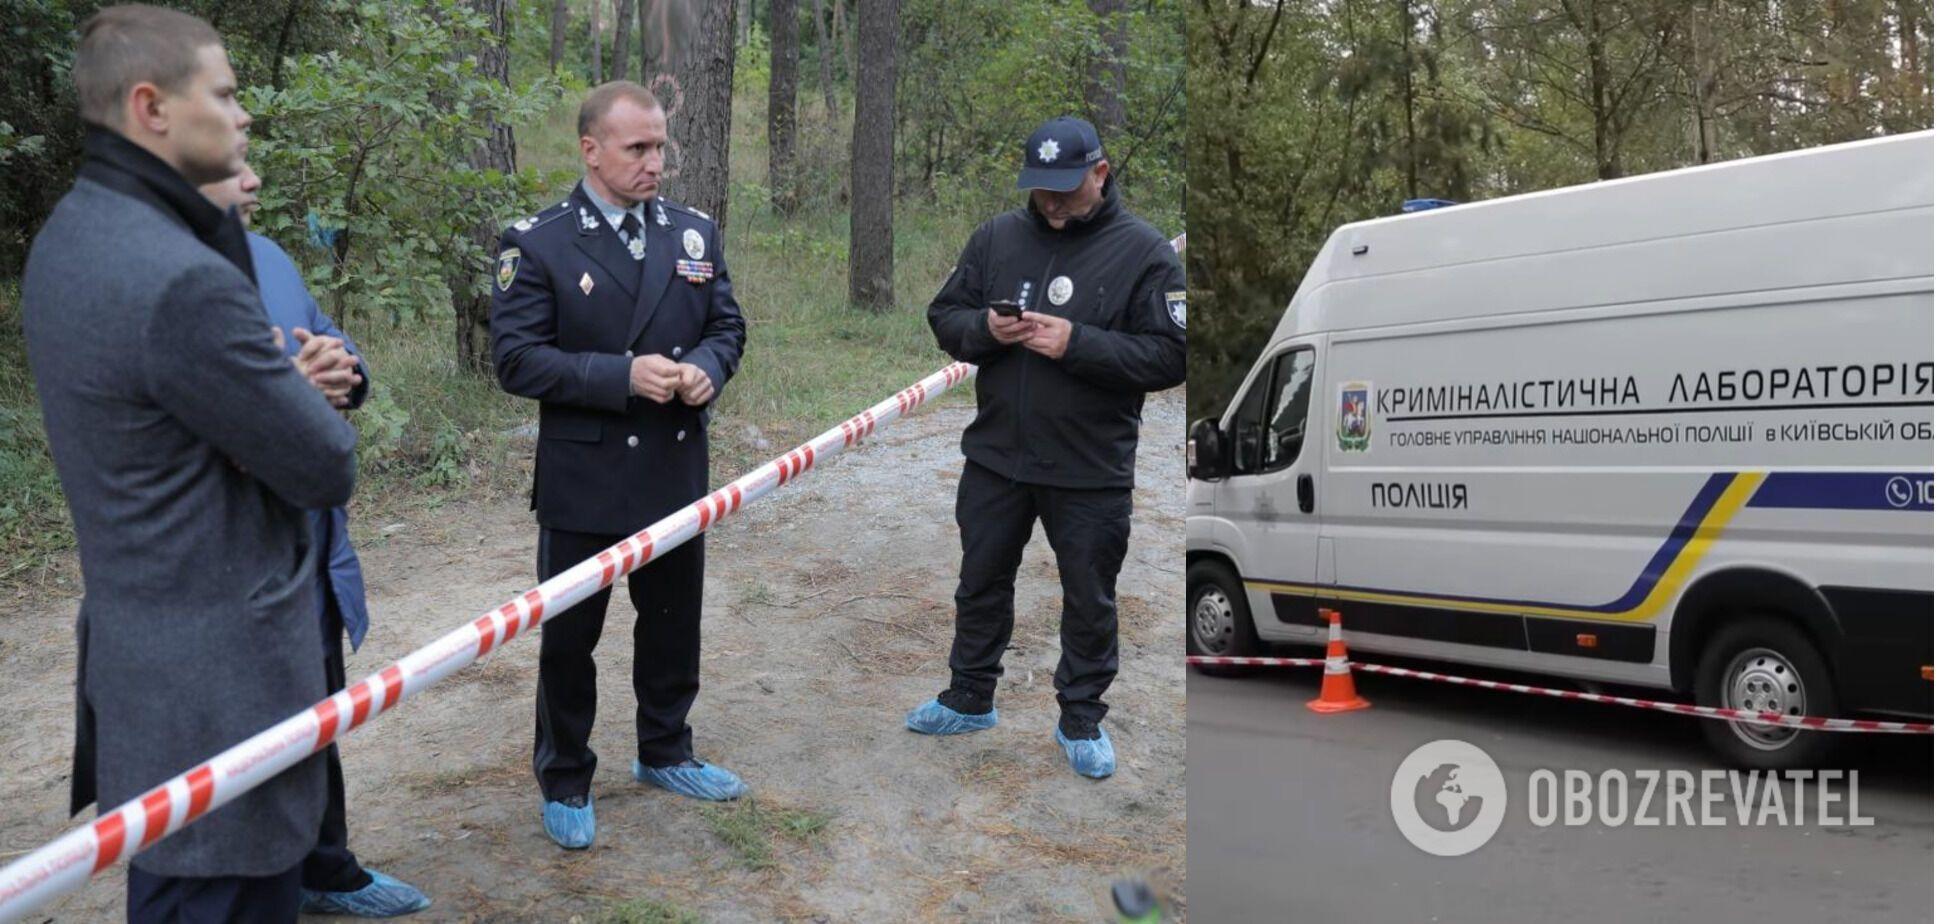 На месте находилось руководство полиции